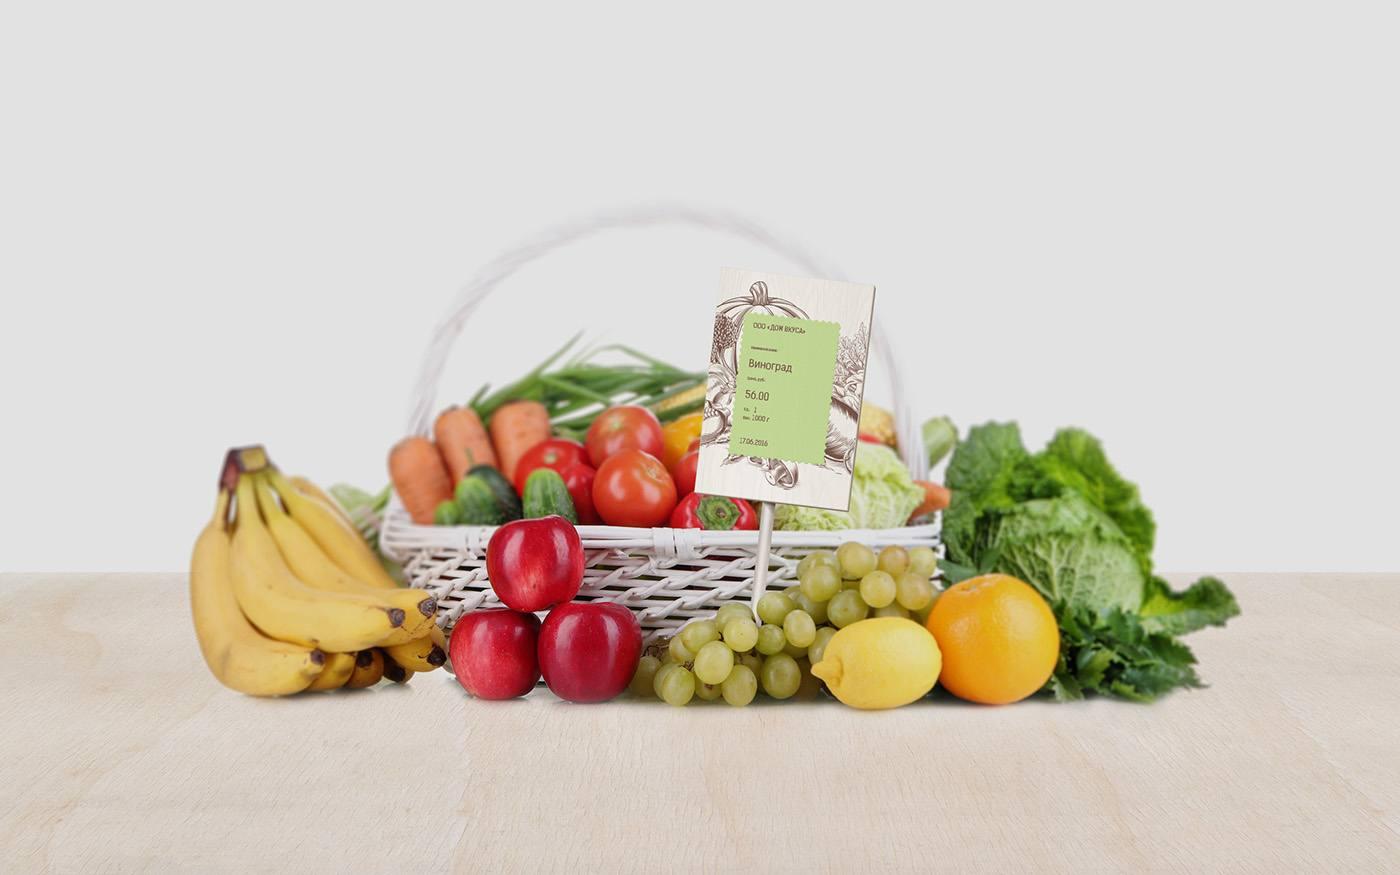 认准这个标! 这95个产品可使用山东省农产品整体品牌形象标识